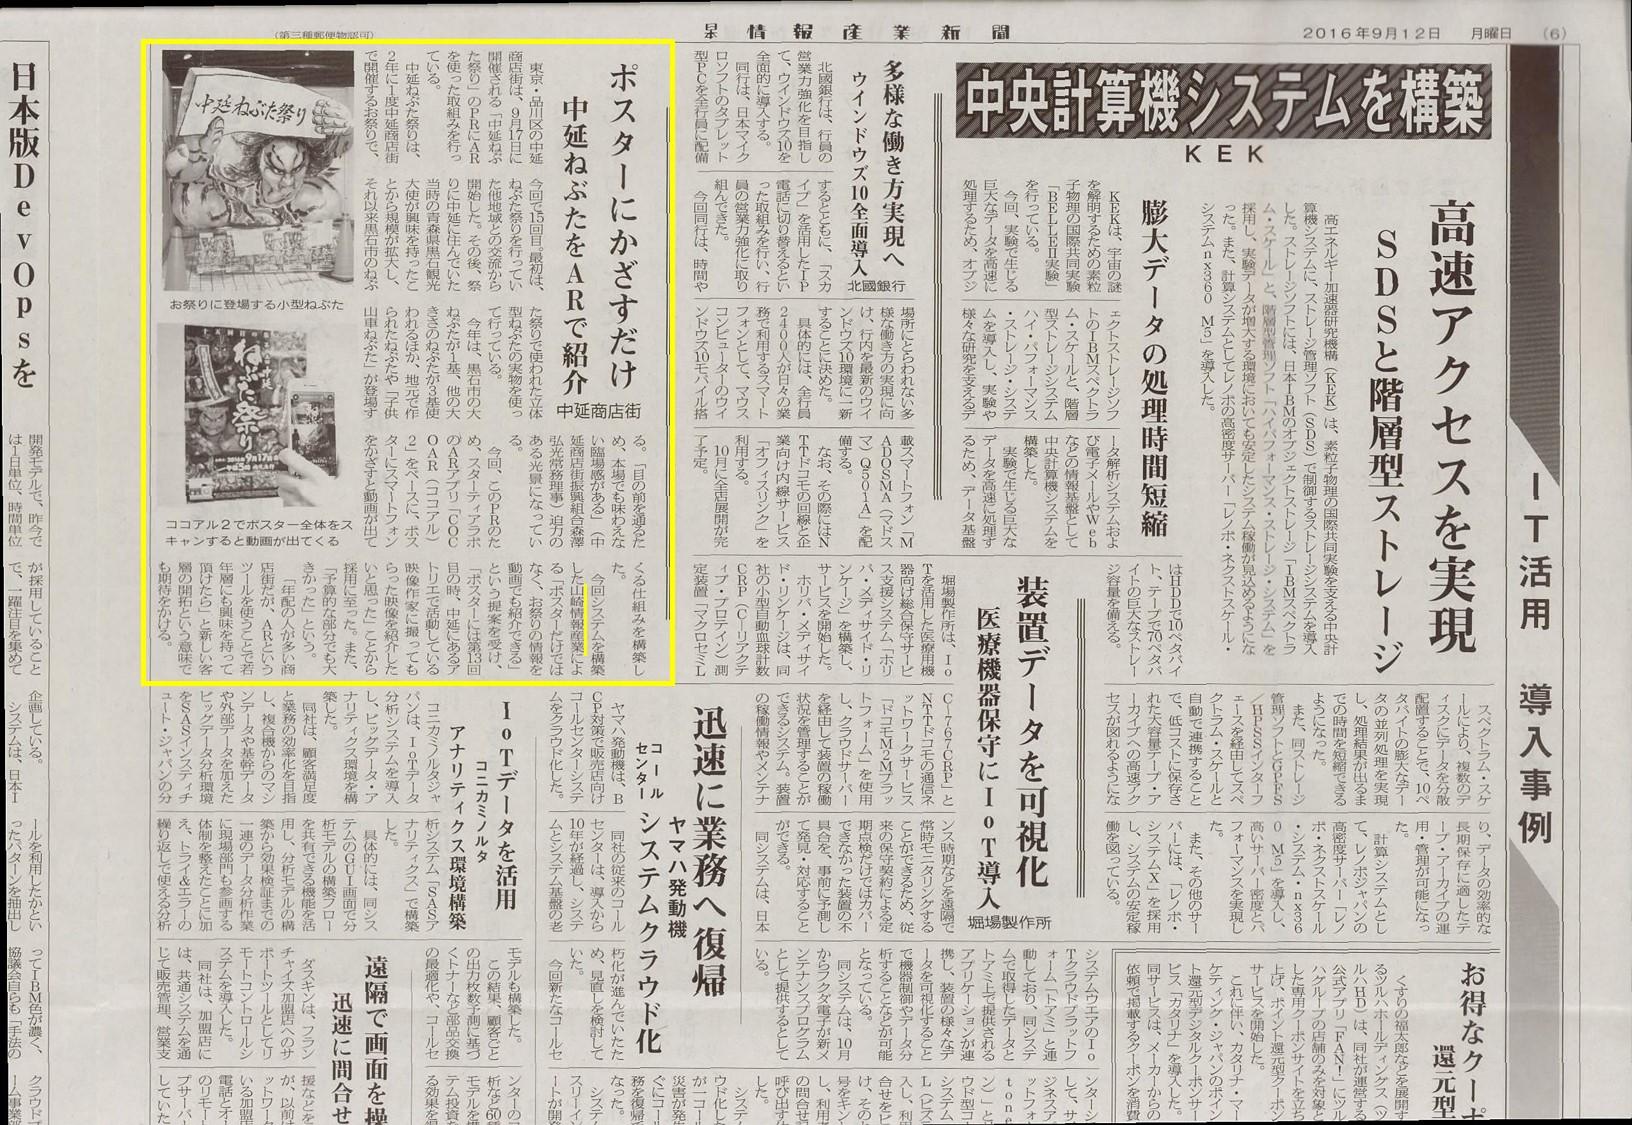 16年9月12日(月)日本情報産業新聞に、山崎情報産業株式会社が提供するARに関する記事が掲載されました。